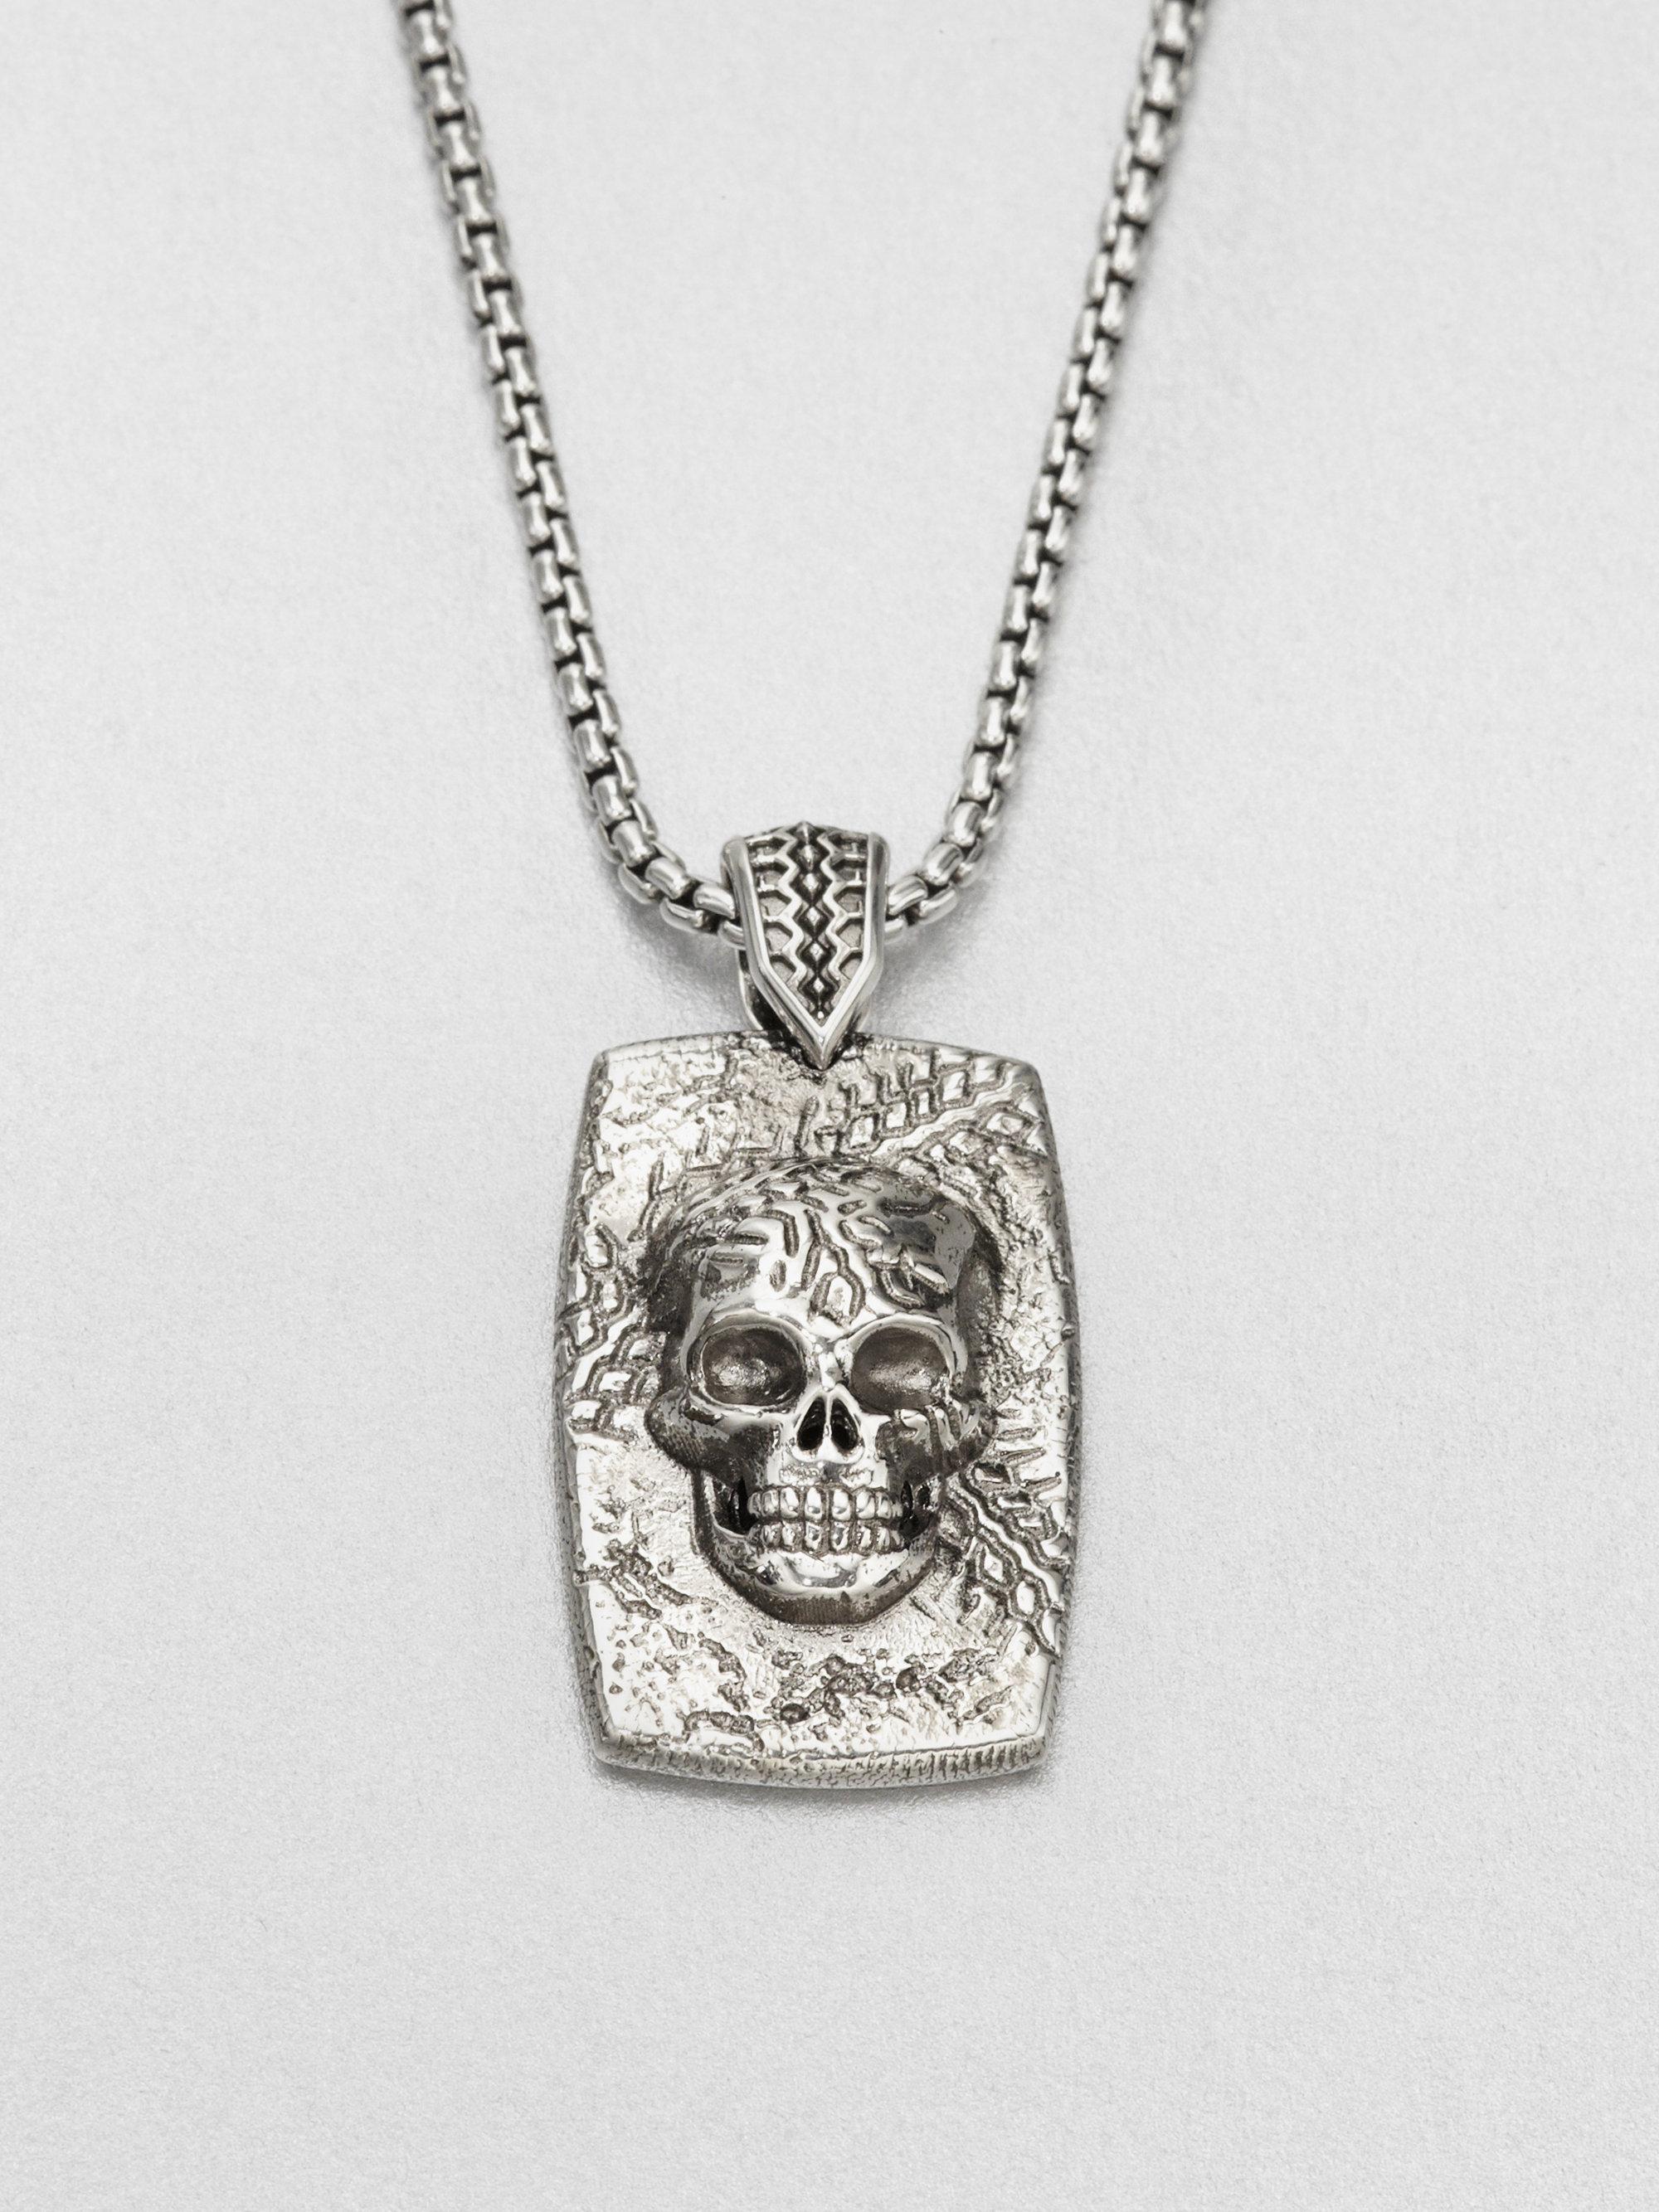 Stephen Webster Sterling Silver Skull Dog Tag Necklace in